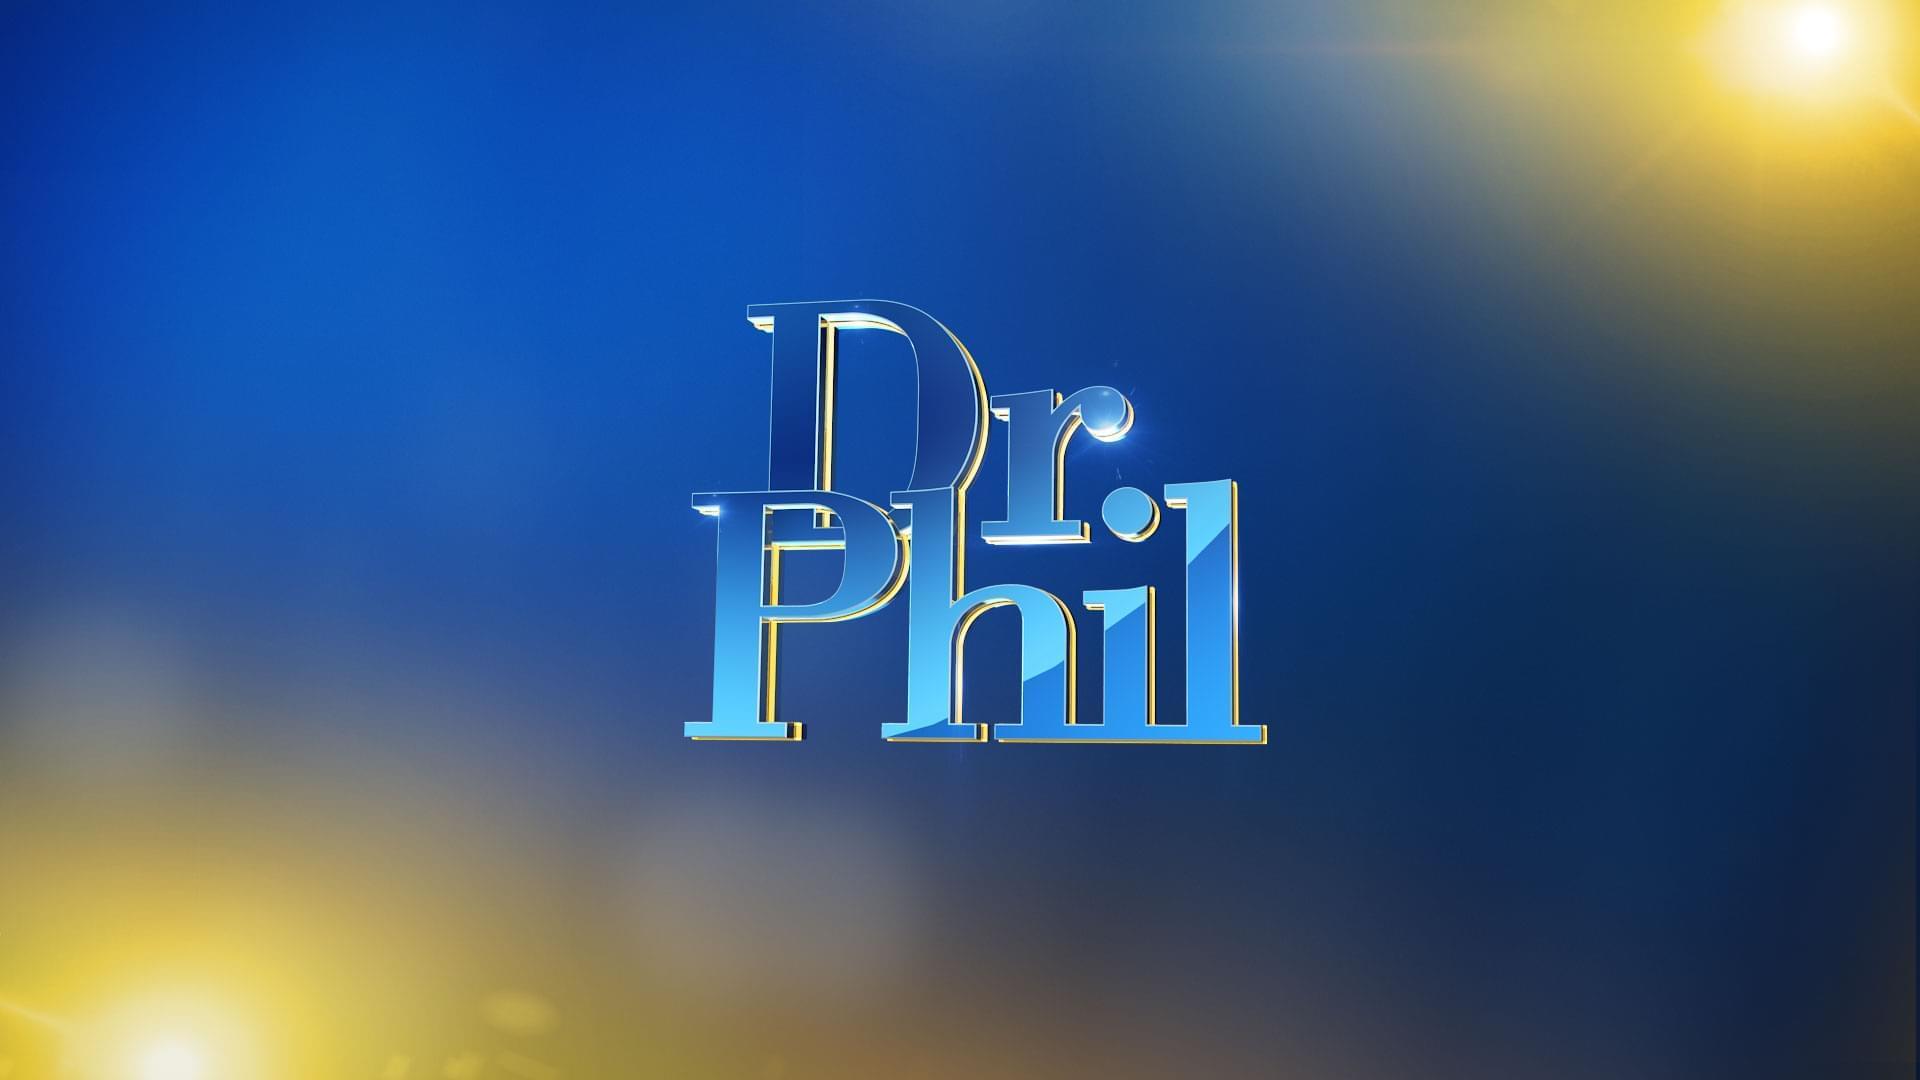 Dr phil Logos.